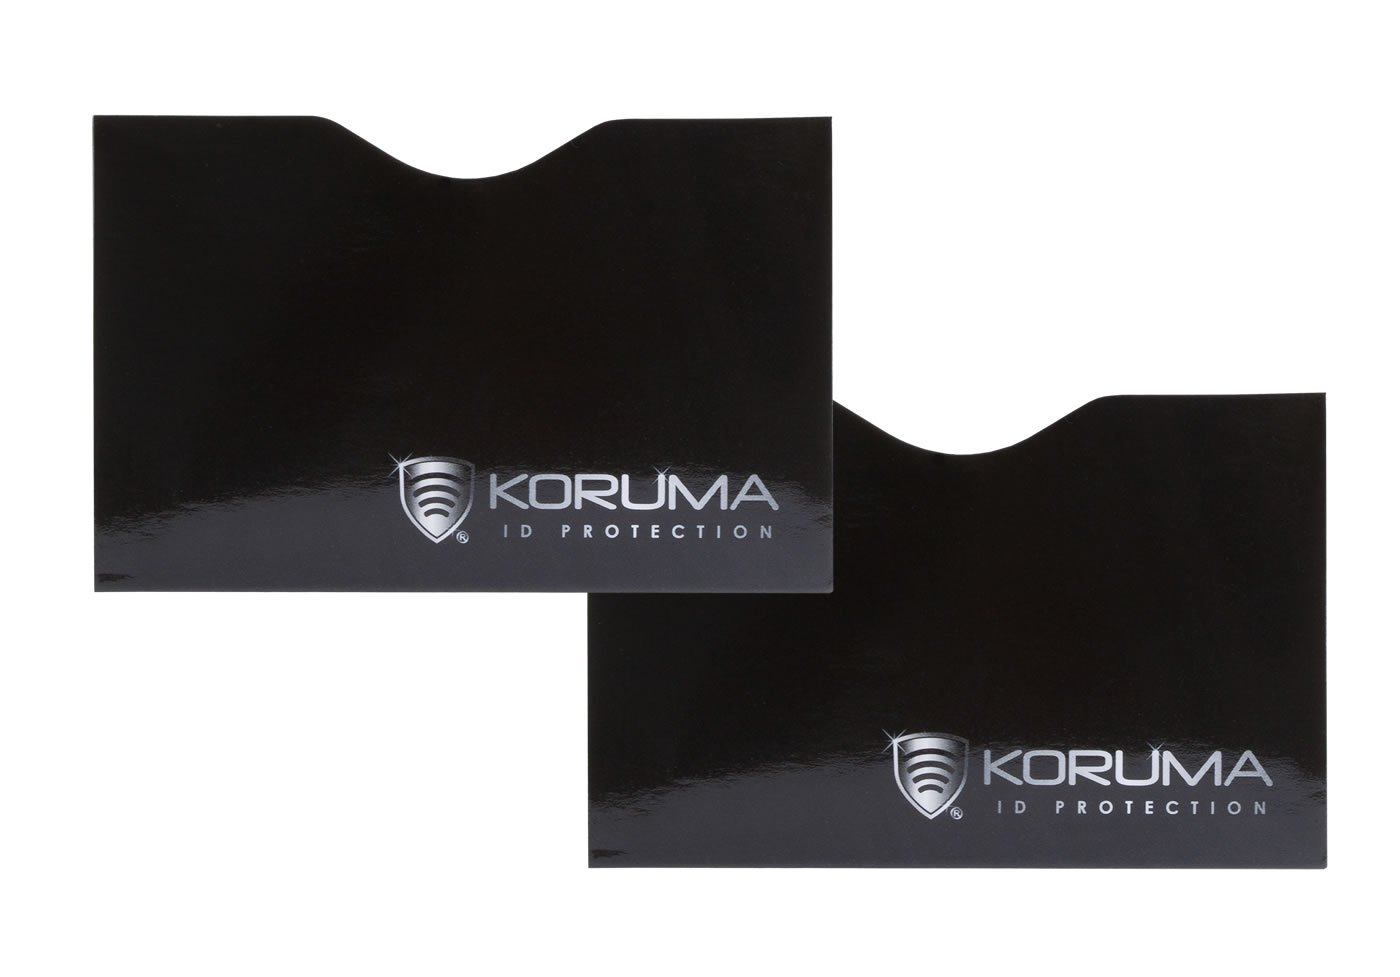 Koruma KFR-87HBLS RFID-Schutzhüllen für EC-Karten, TÜV-zertifiziert TÜV-zertifiziert KORUMA LIMITED